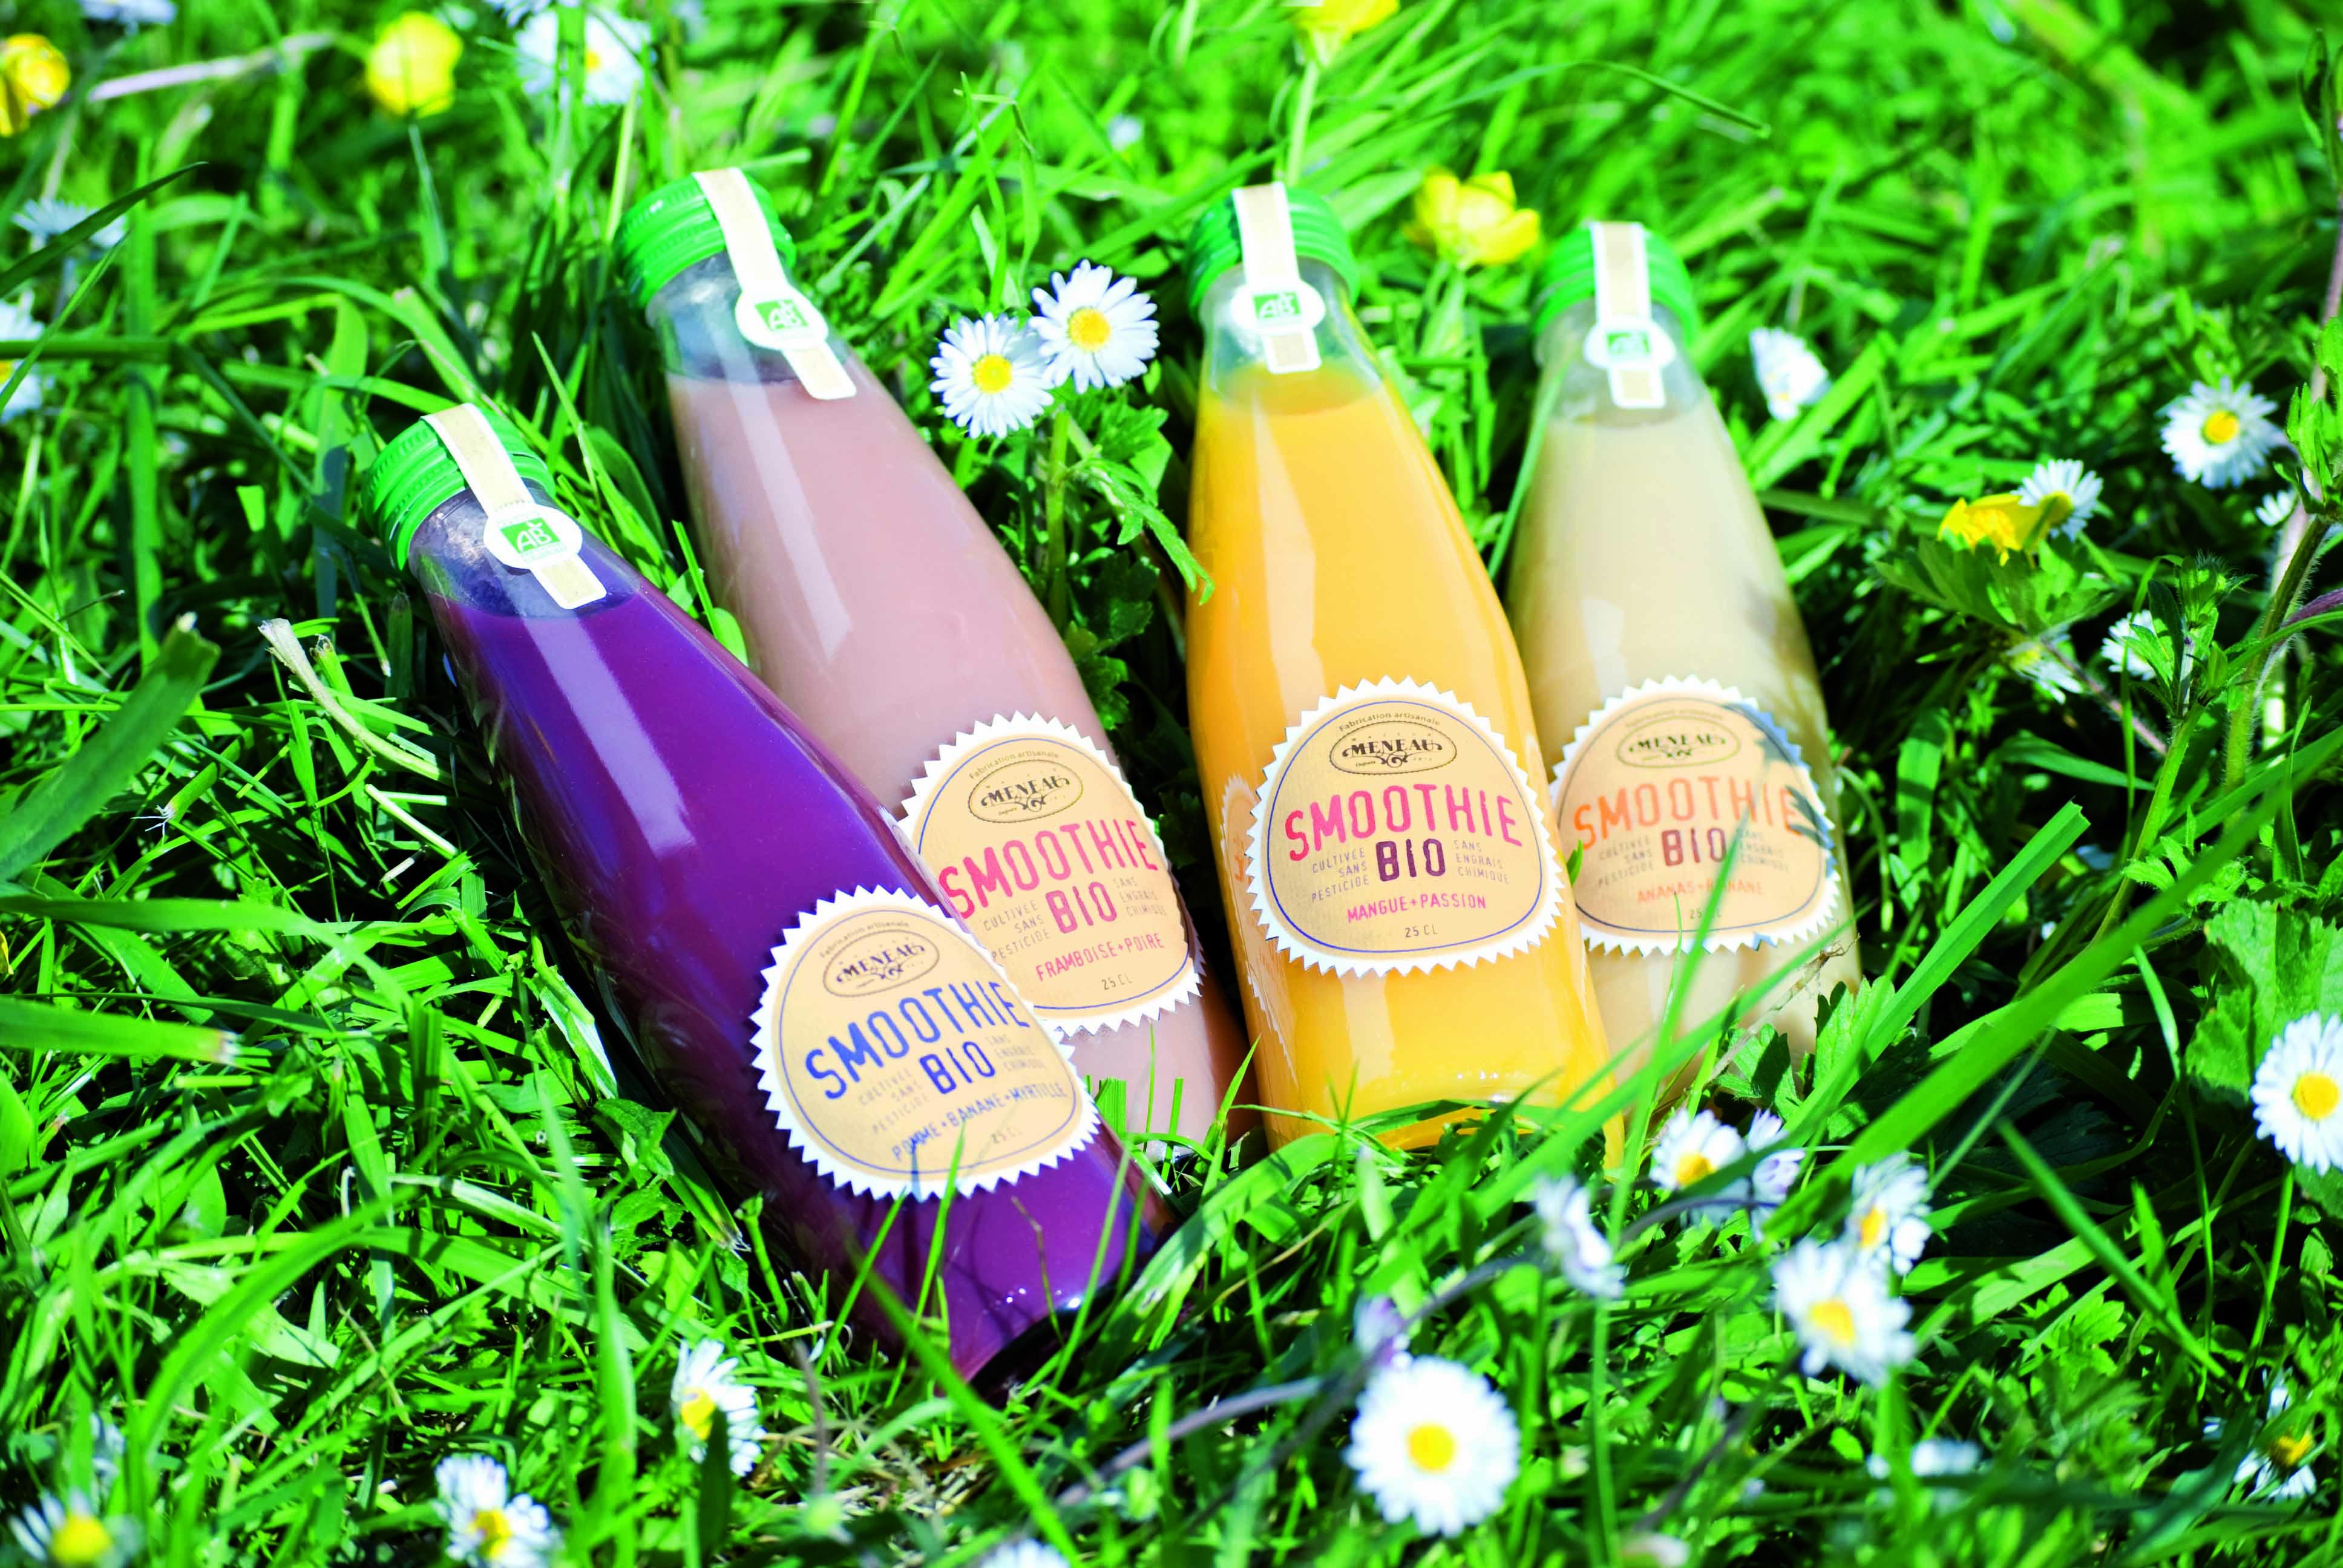 Les smoothies, une manière de consommer fruits et légumes venue des pays anglo-saxons - © D.R.